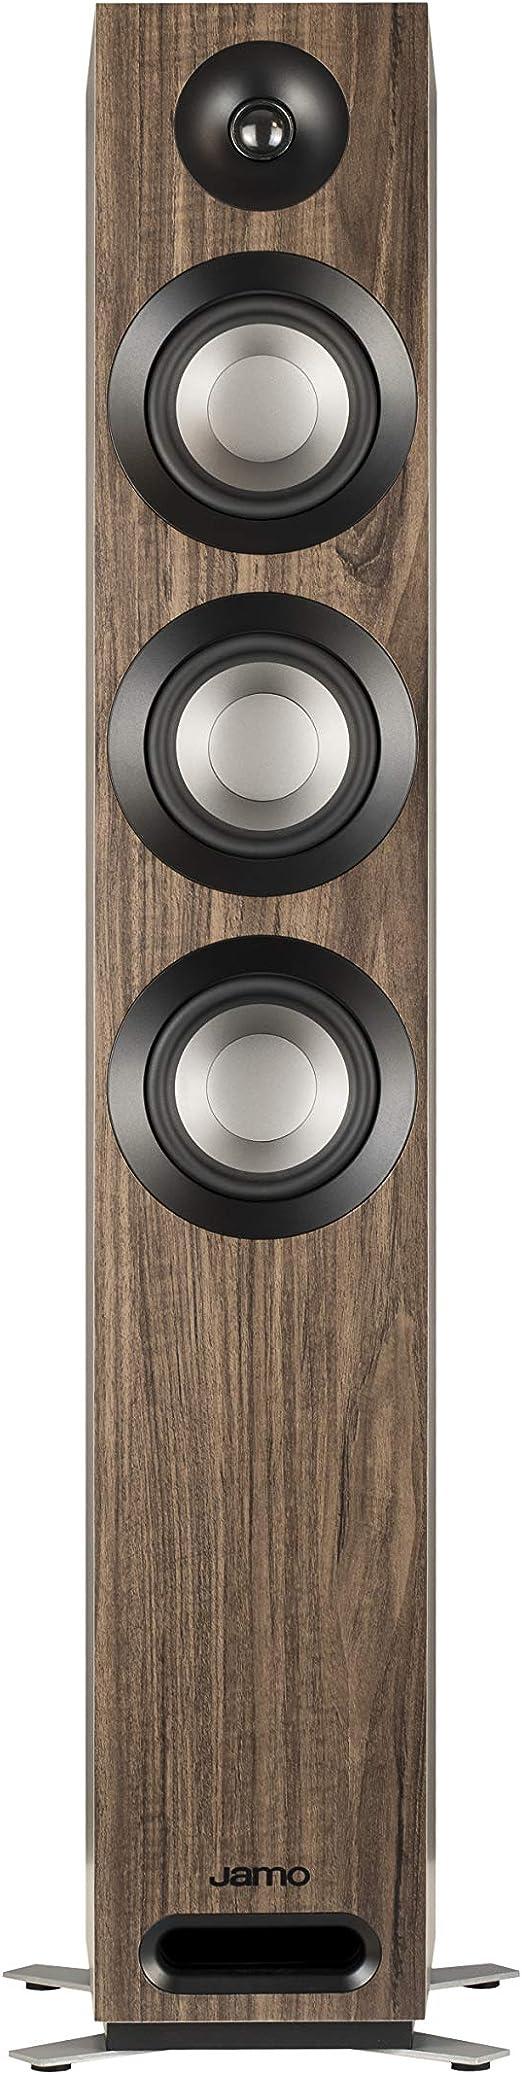 Jamo Studio Series S809 - Par de Altavoces de pie: Amazon.es: Electrónica